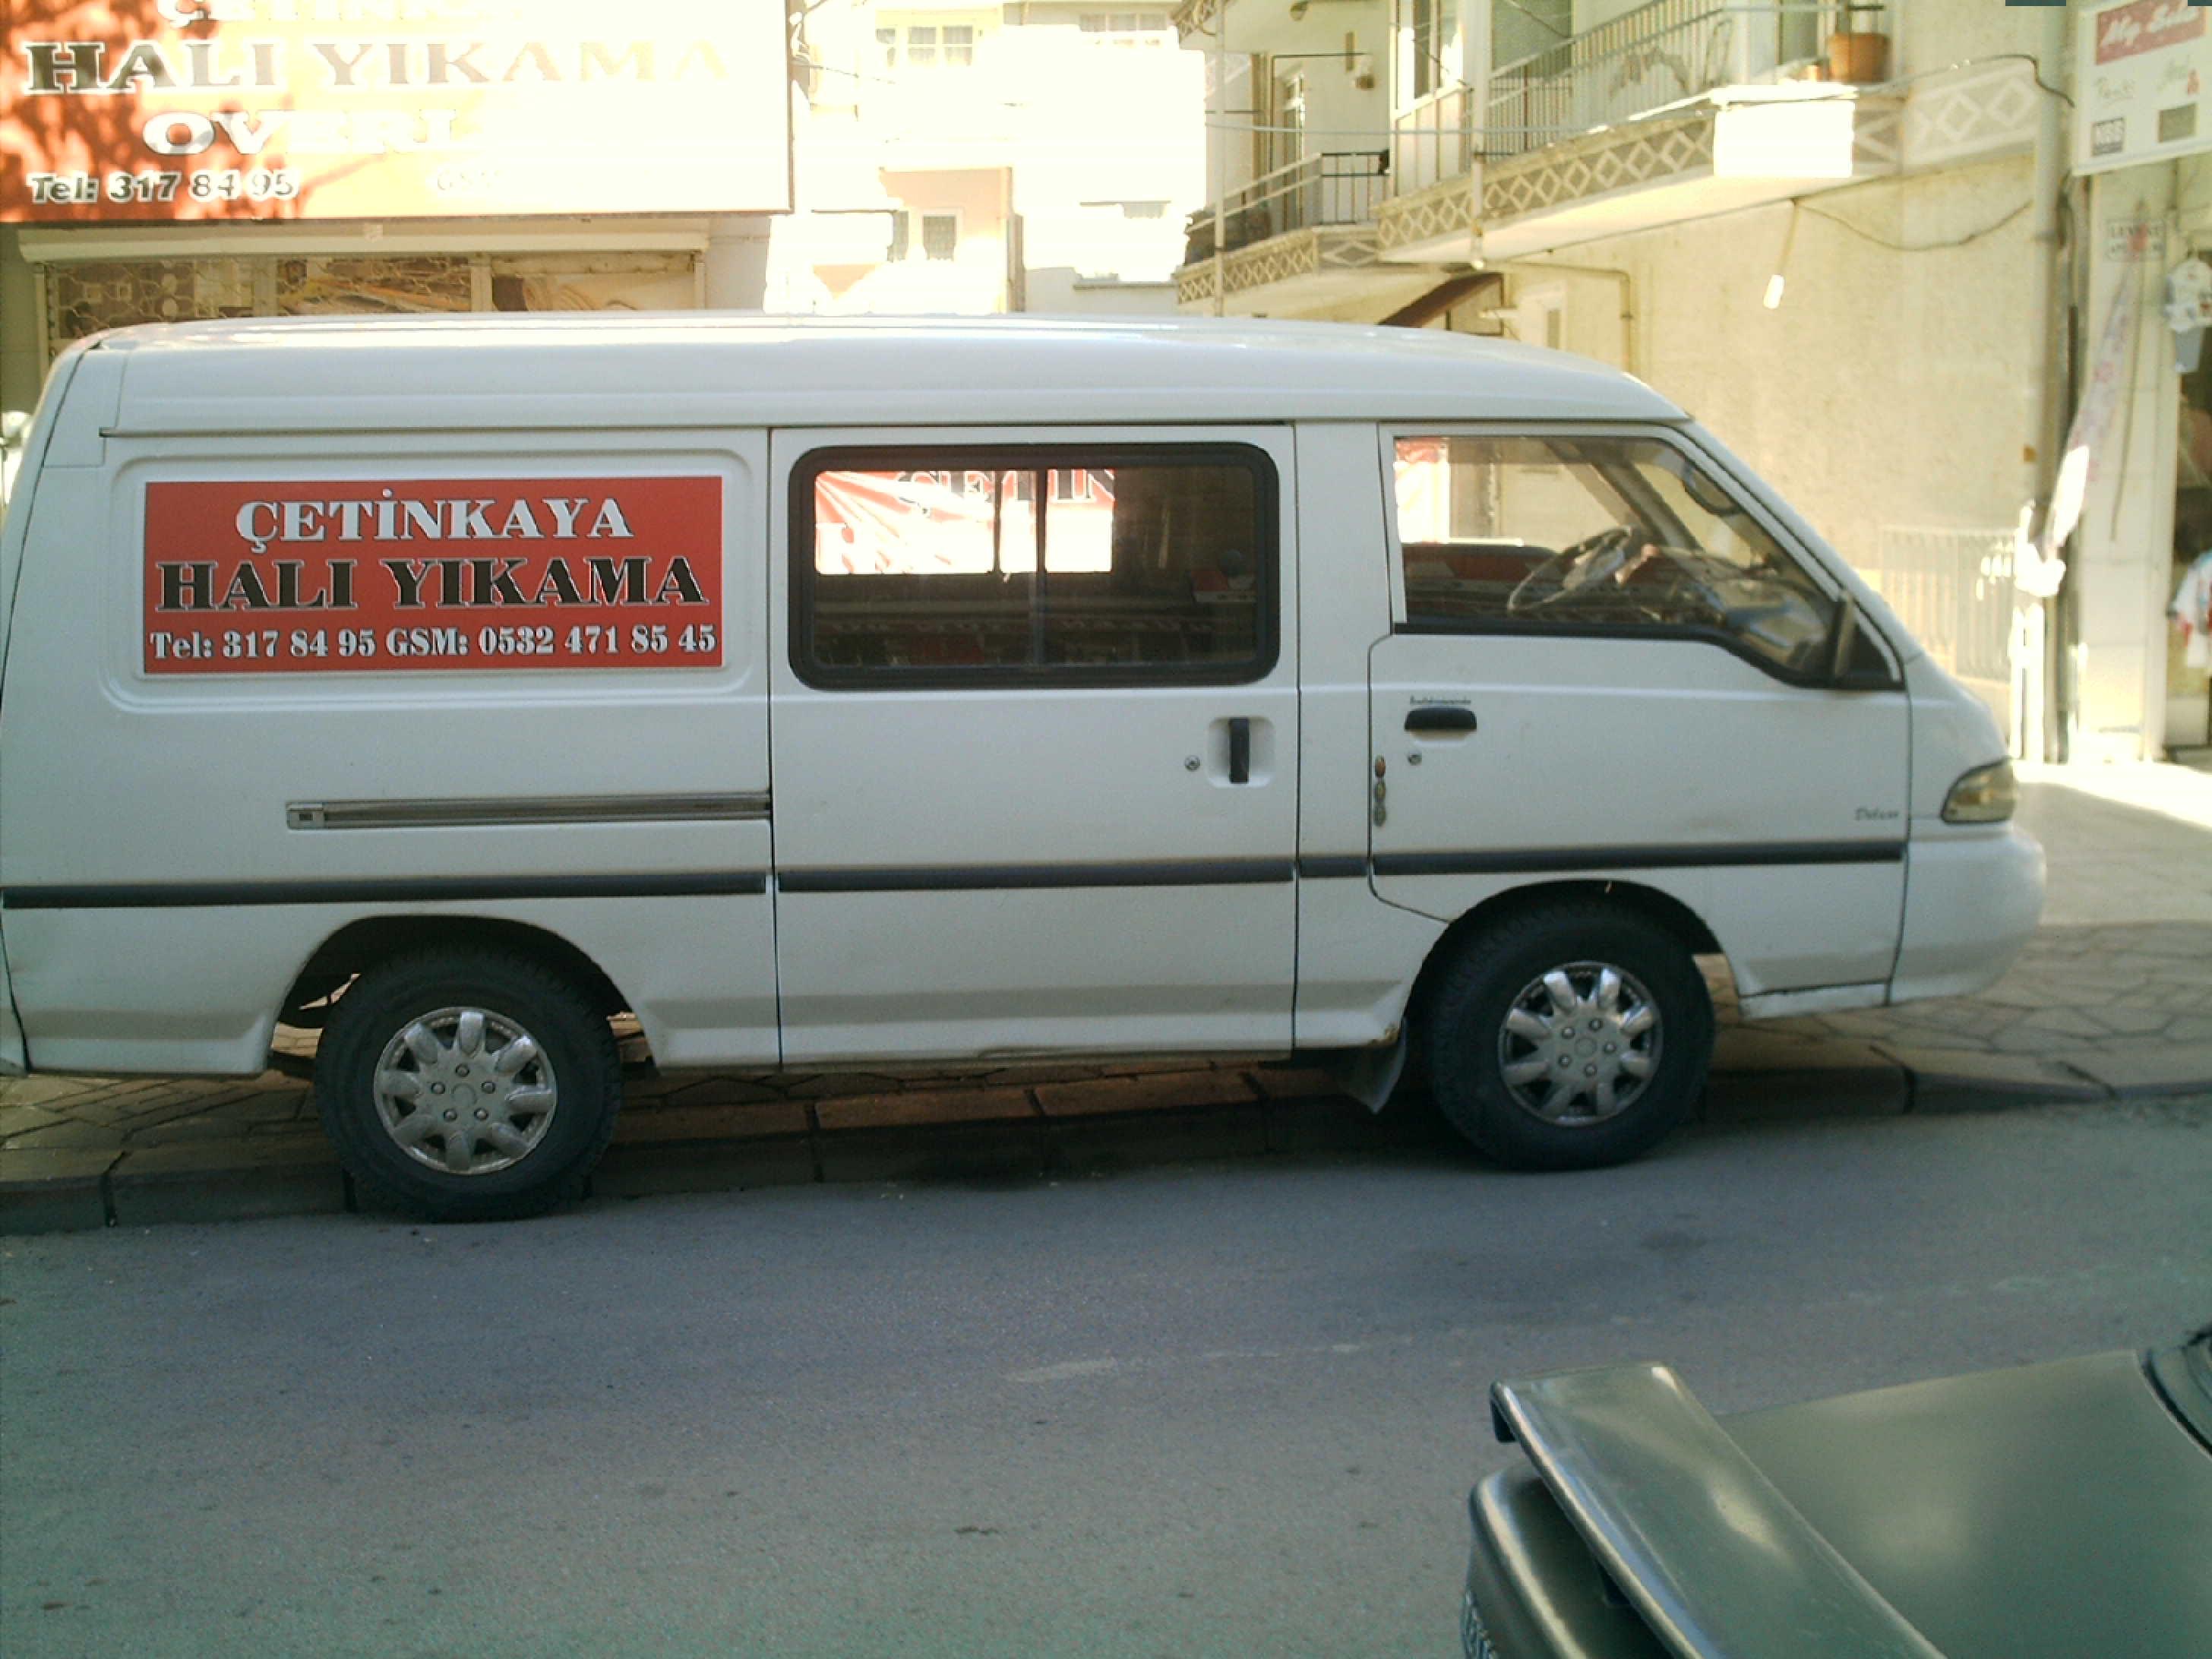 güventepe_hali_yikama_servis_araci